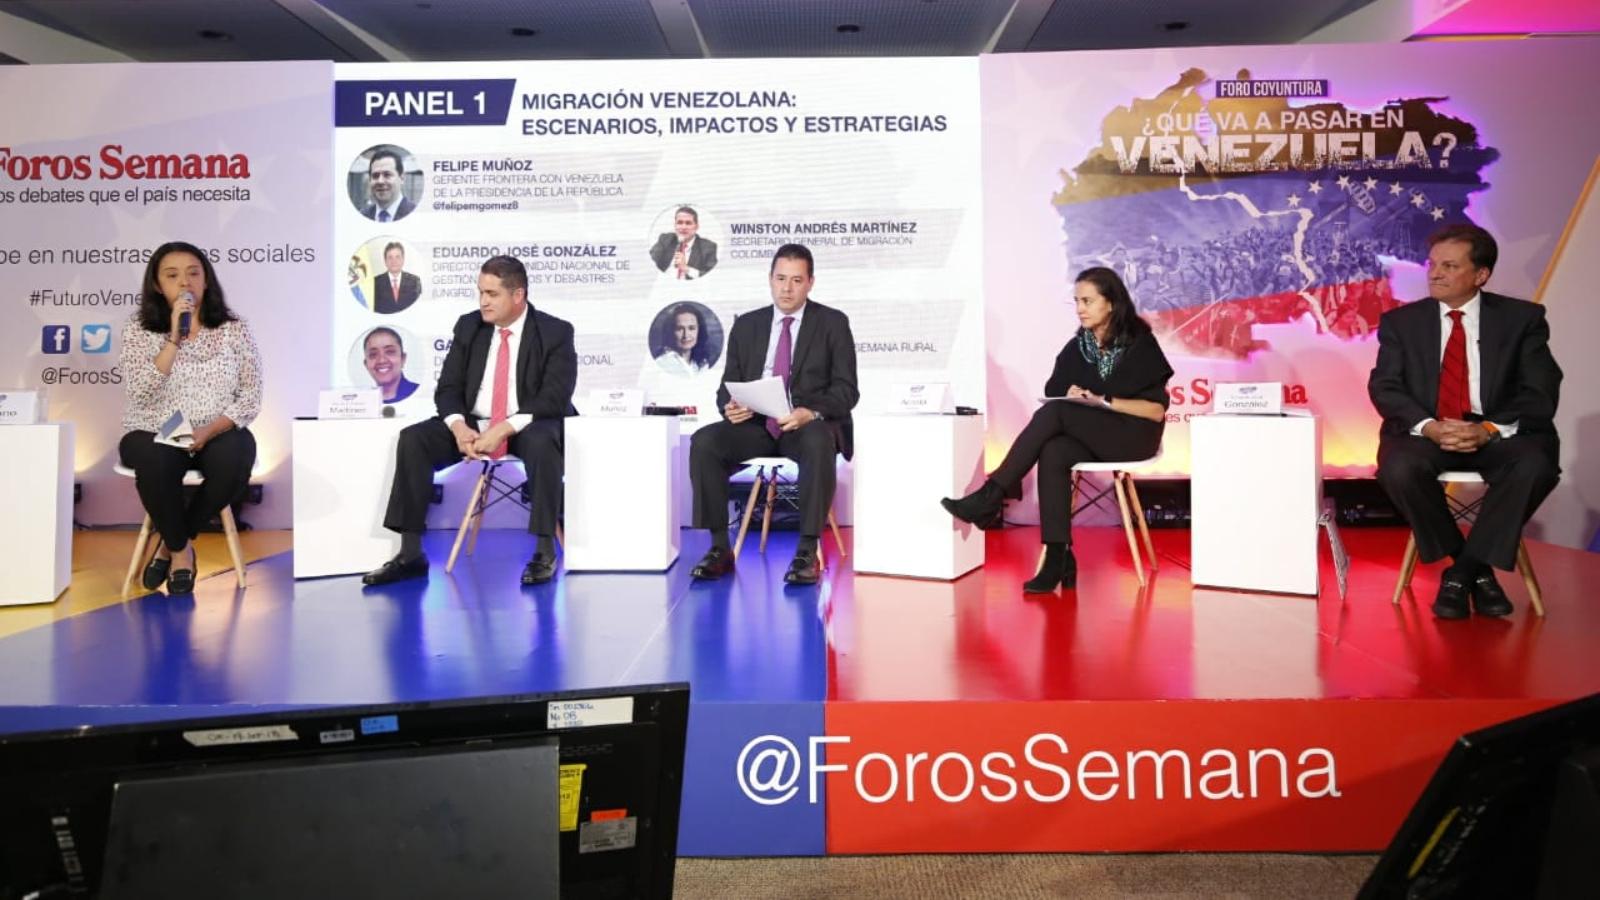 Foros Semana analizó la situación de Venezuela